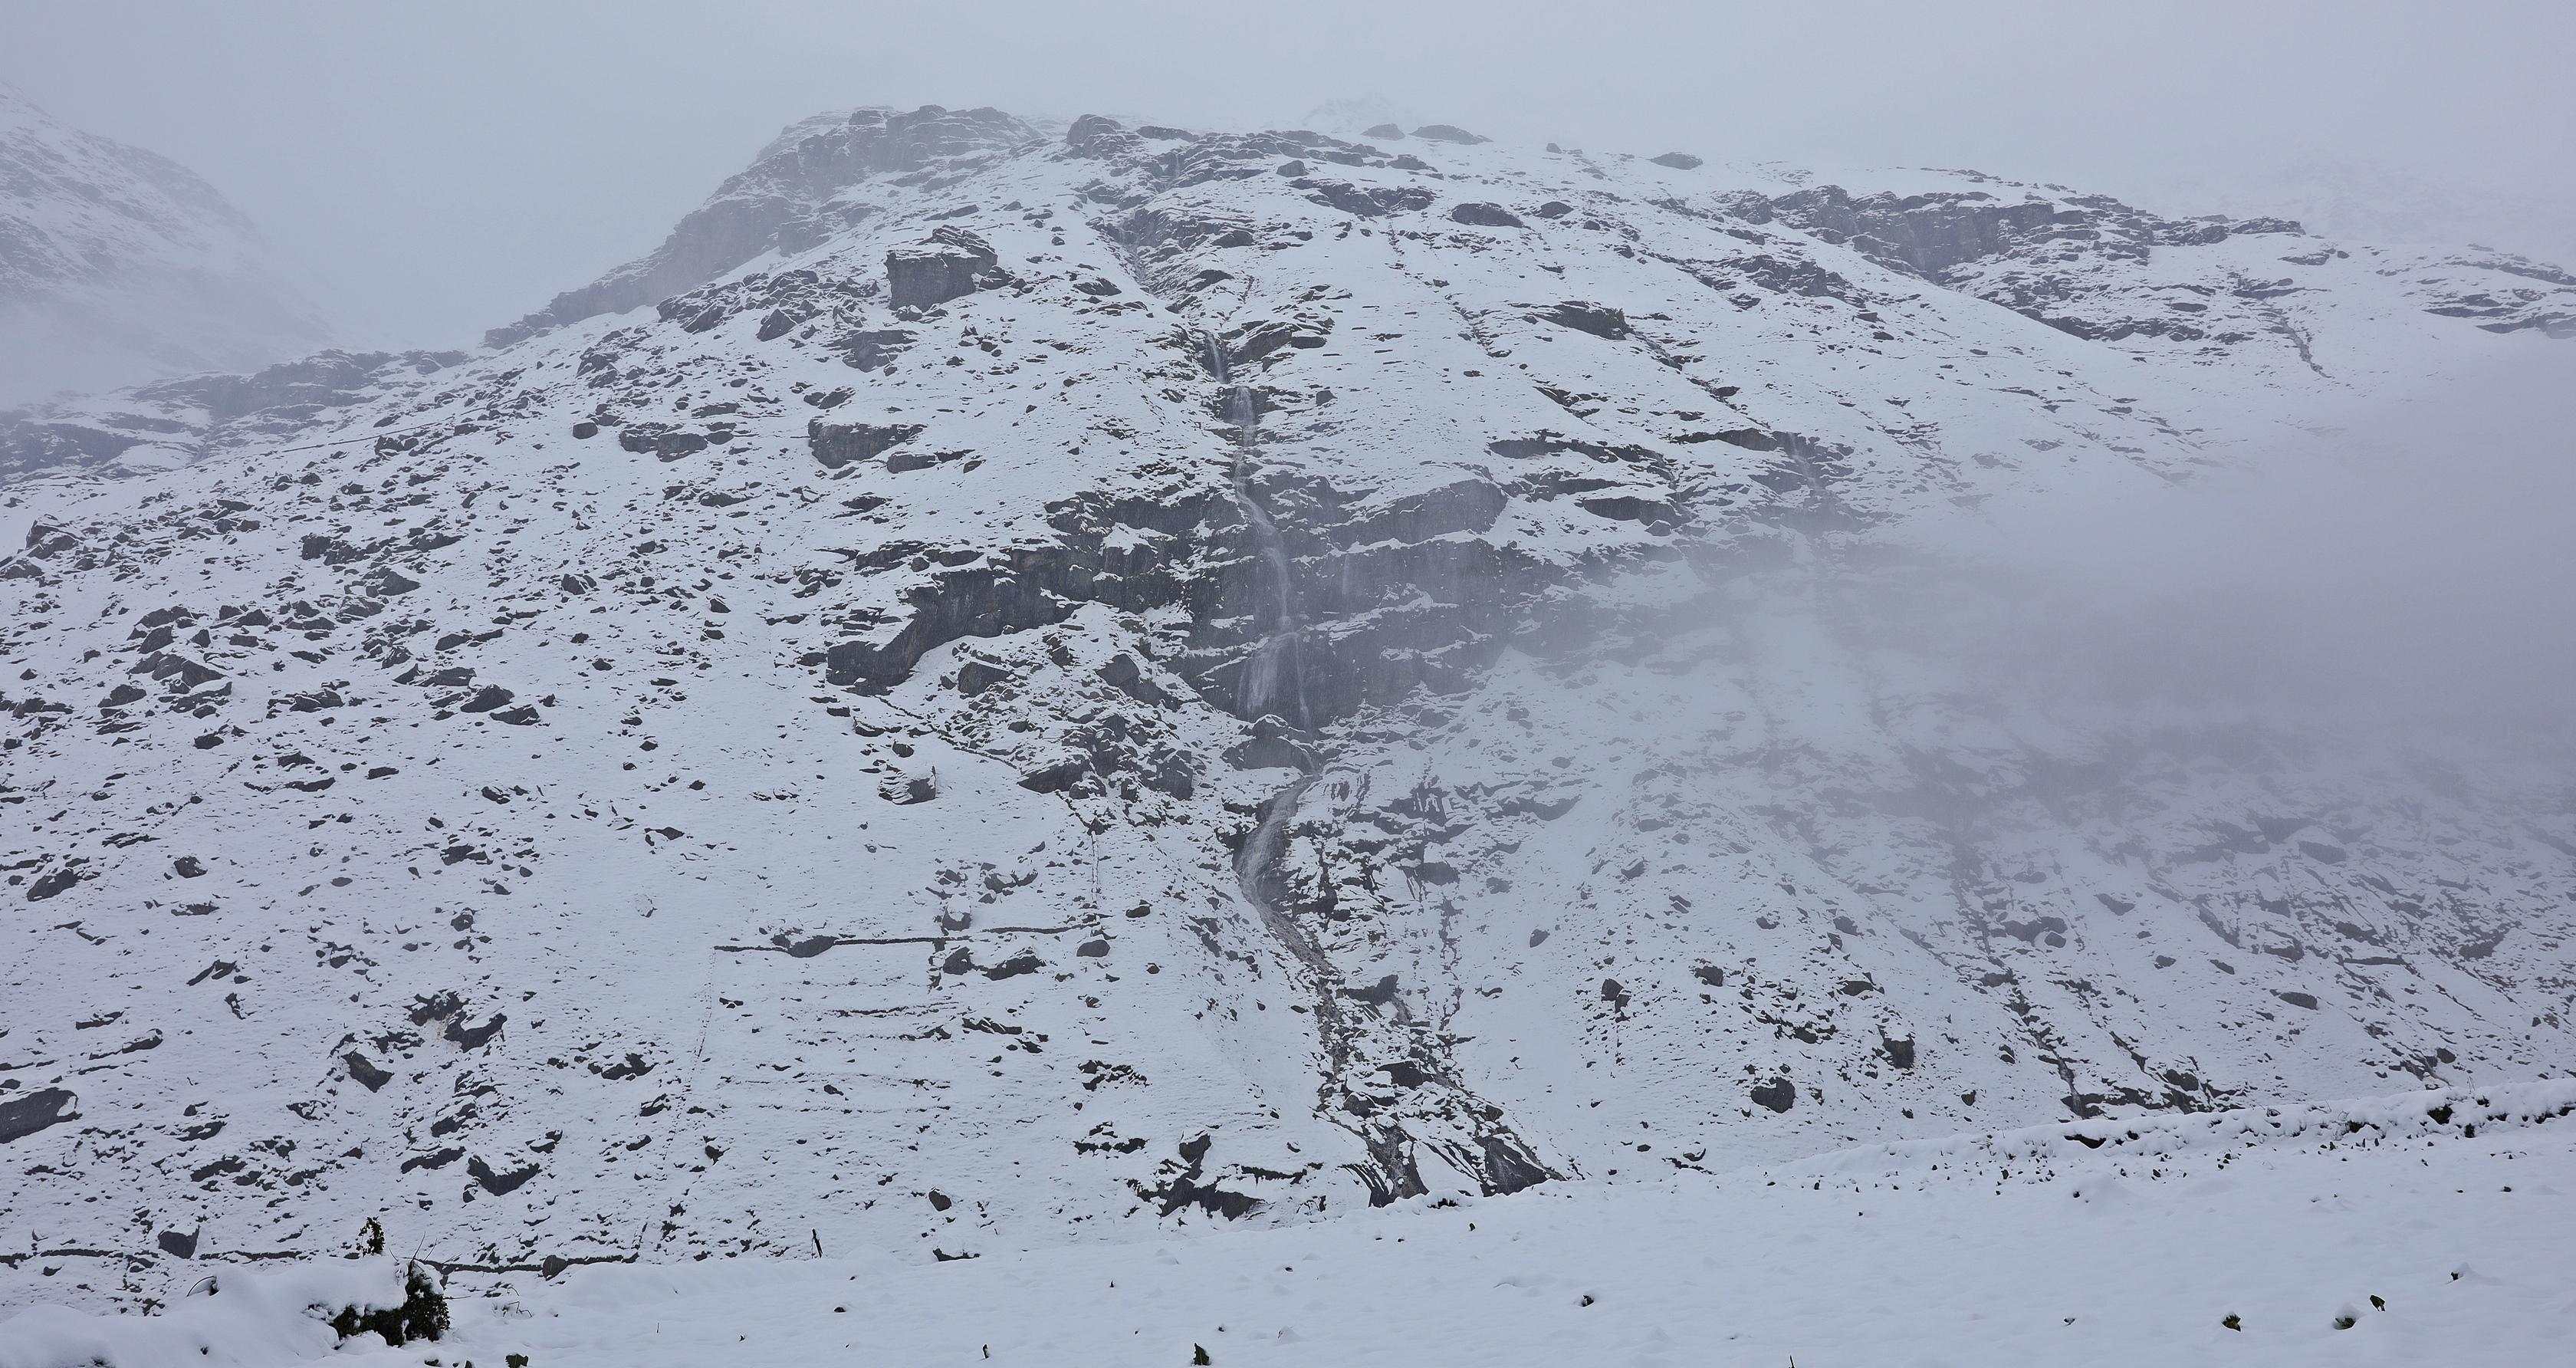 Blizzard in Khoksar